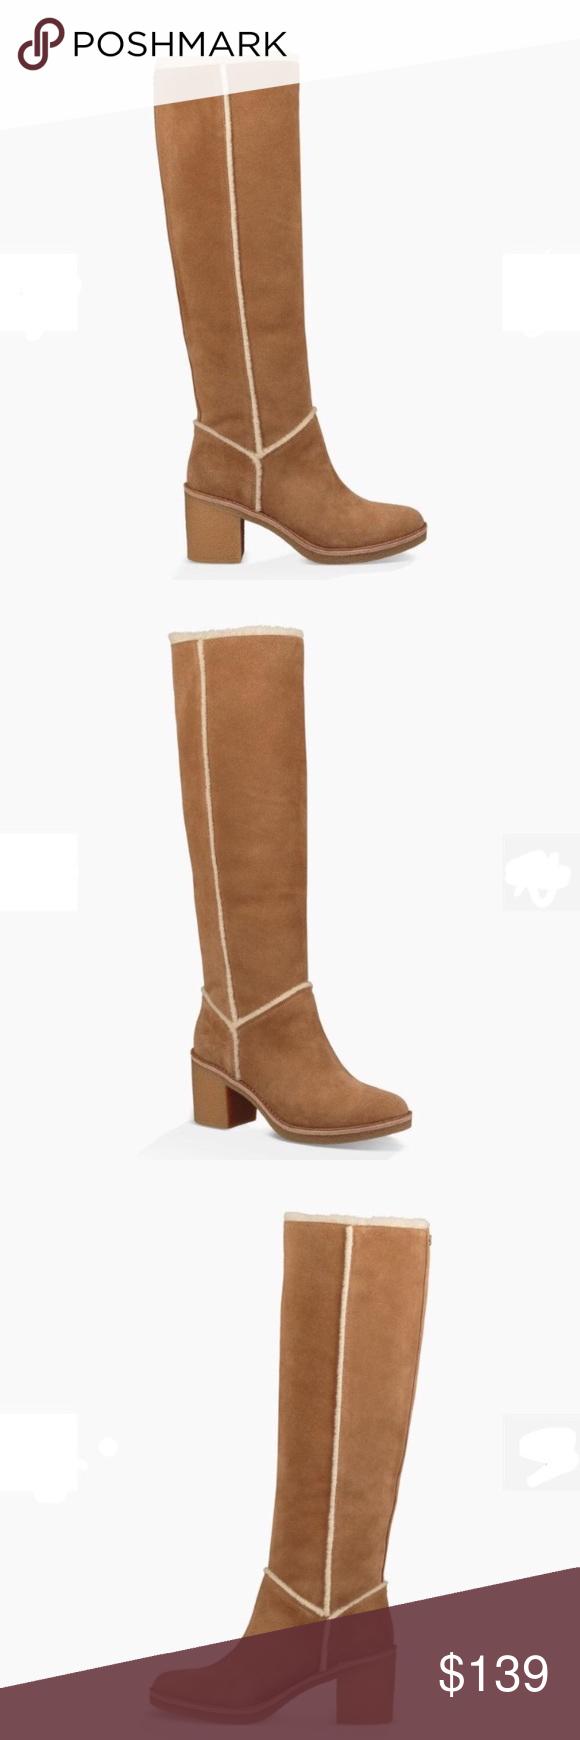 a72713e6596 ❤️New Ugg Kasen Tall Suede Chestnut Boots Sz 5.5 ❤️New Ugg Kasen Tall Suede